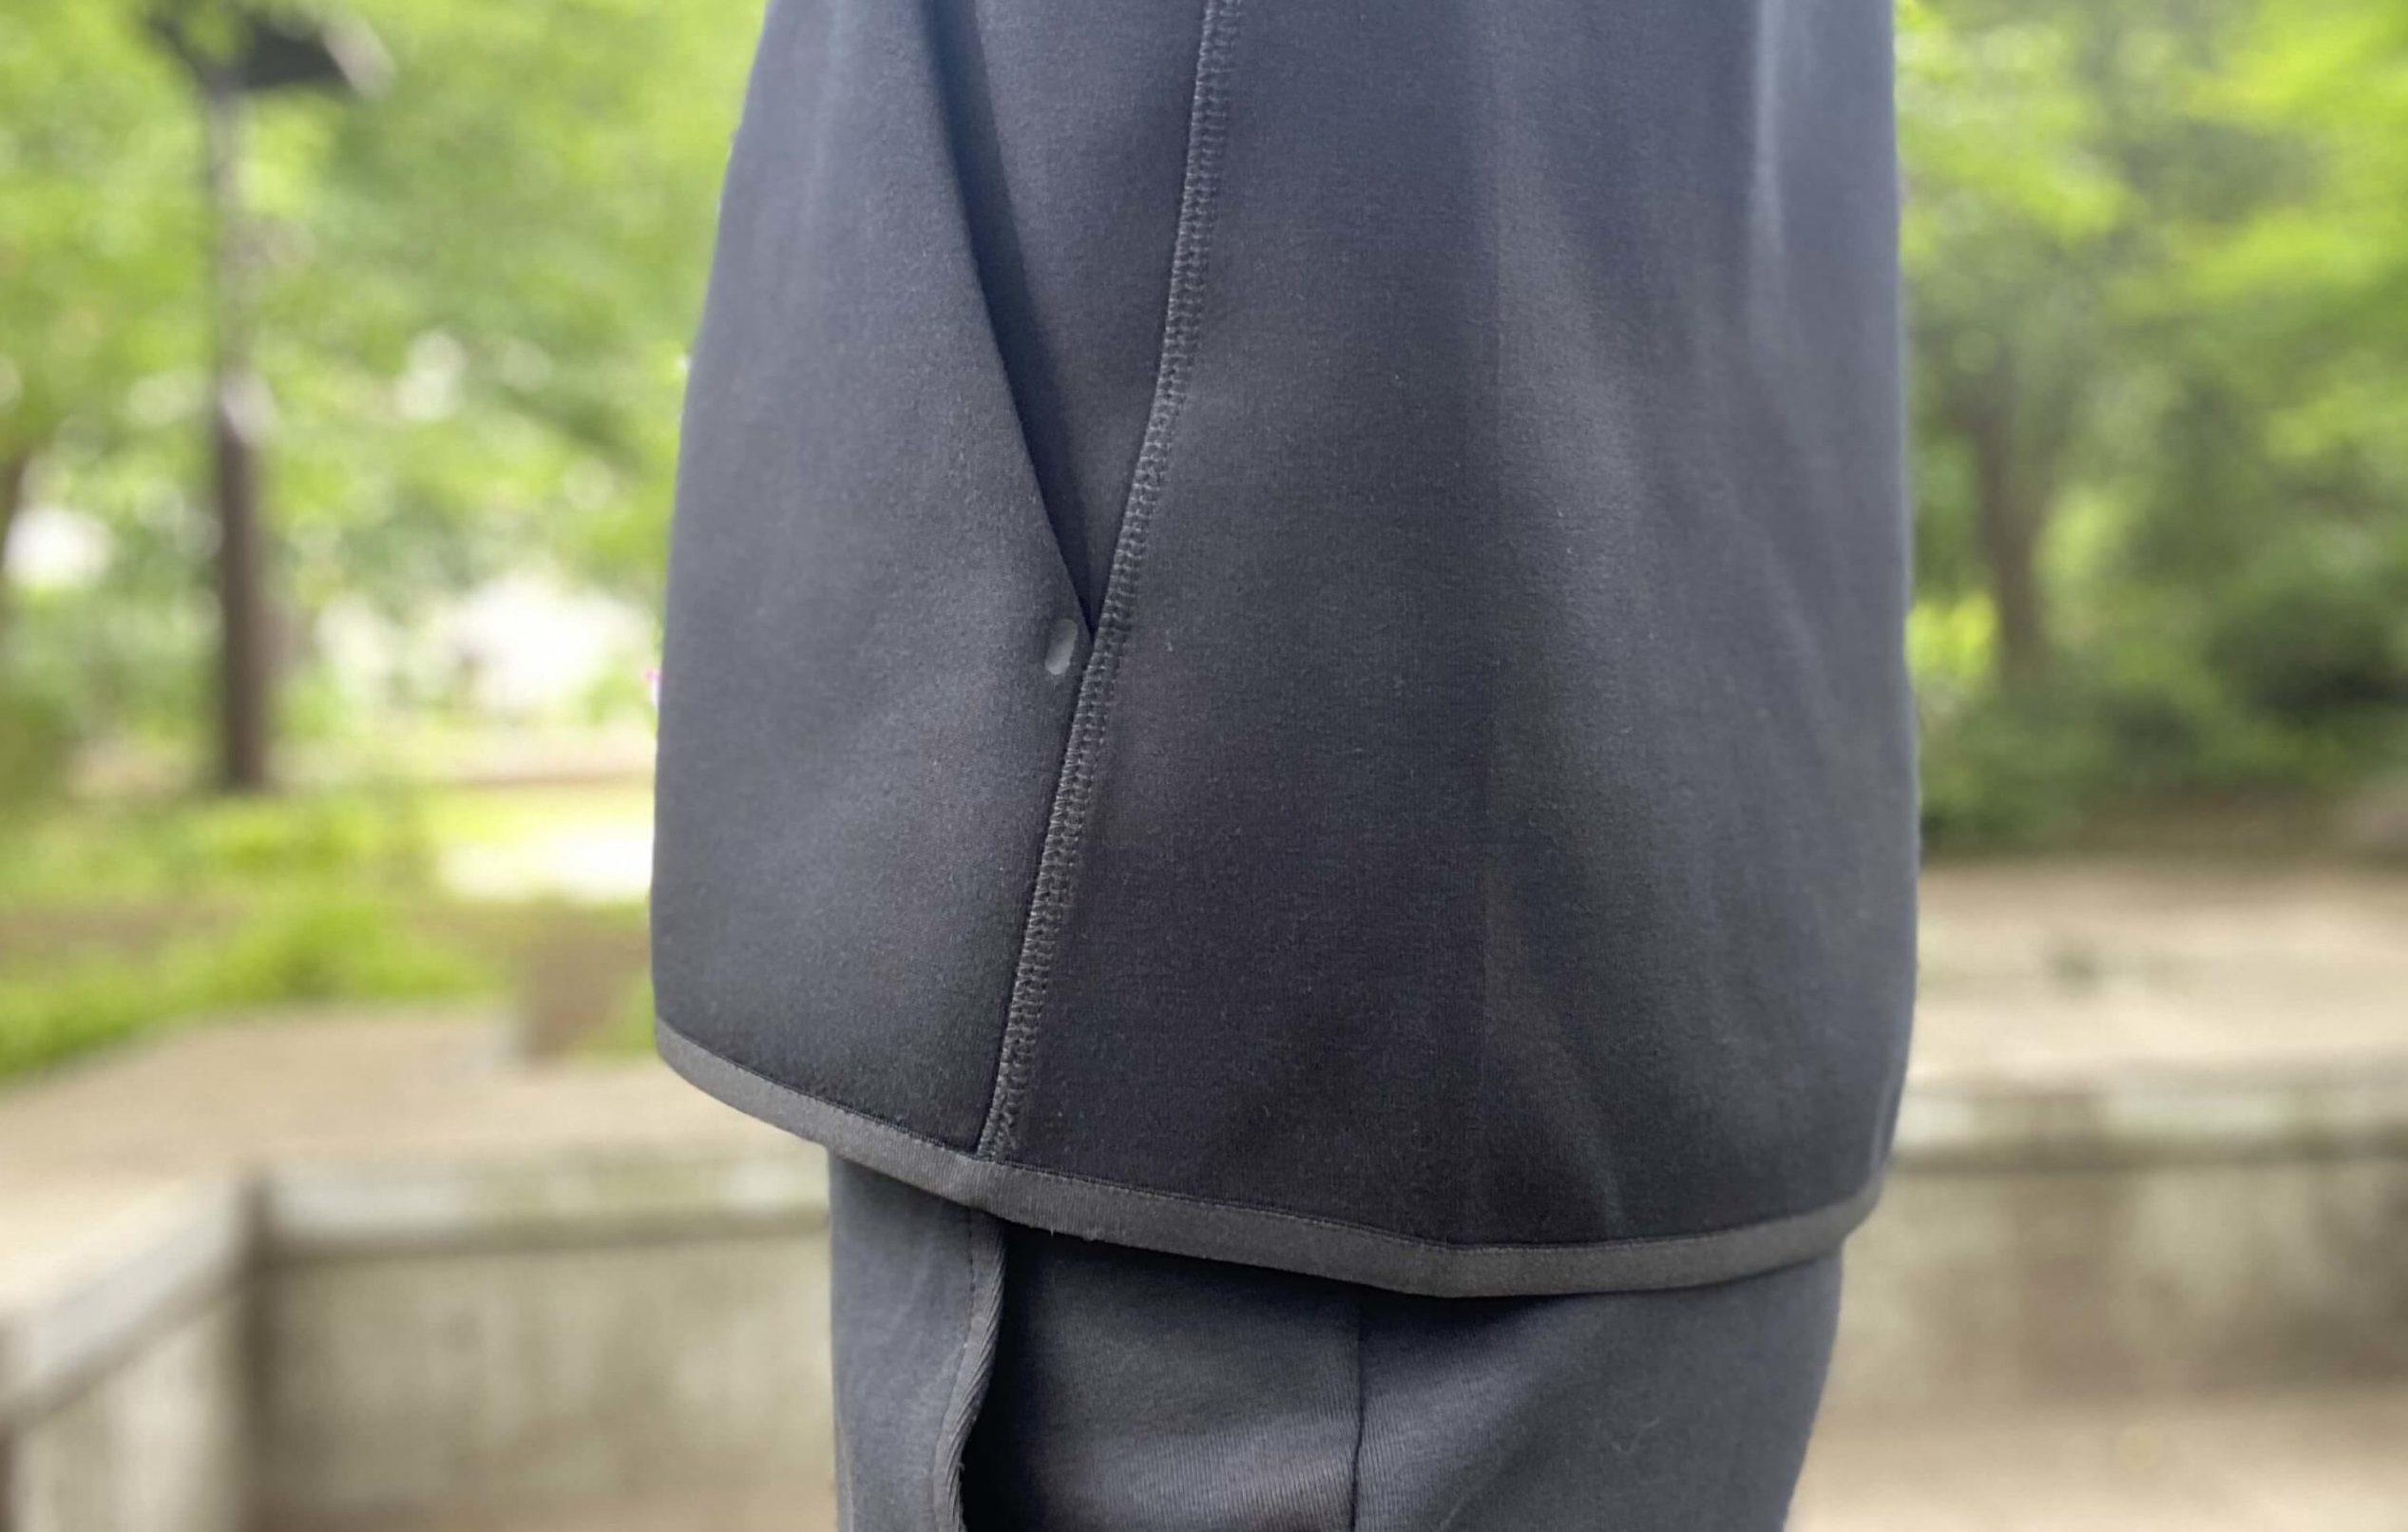 ナイキテックフリースパーカーの裾口部分